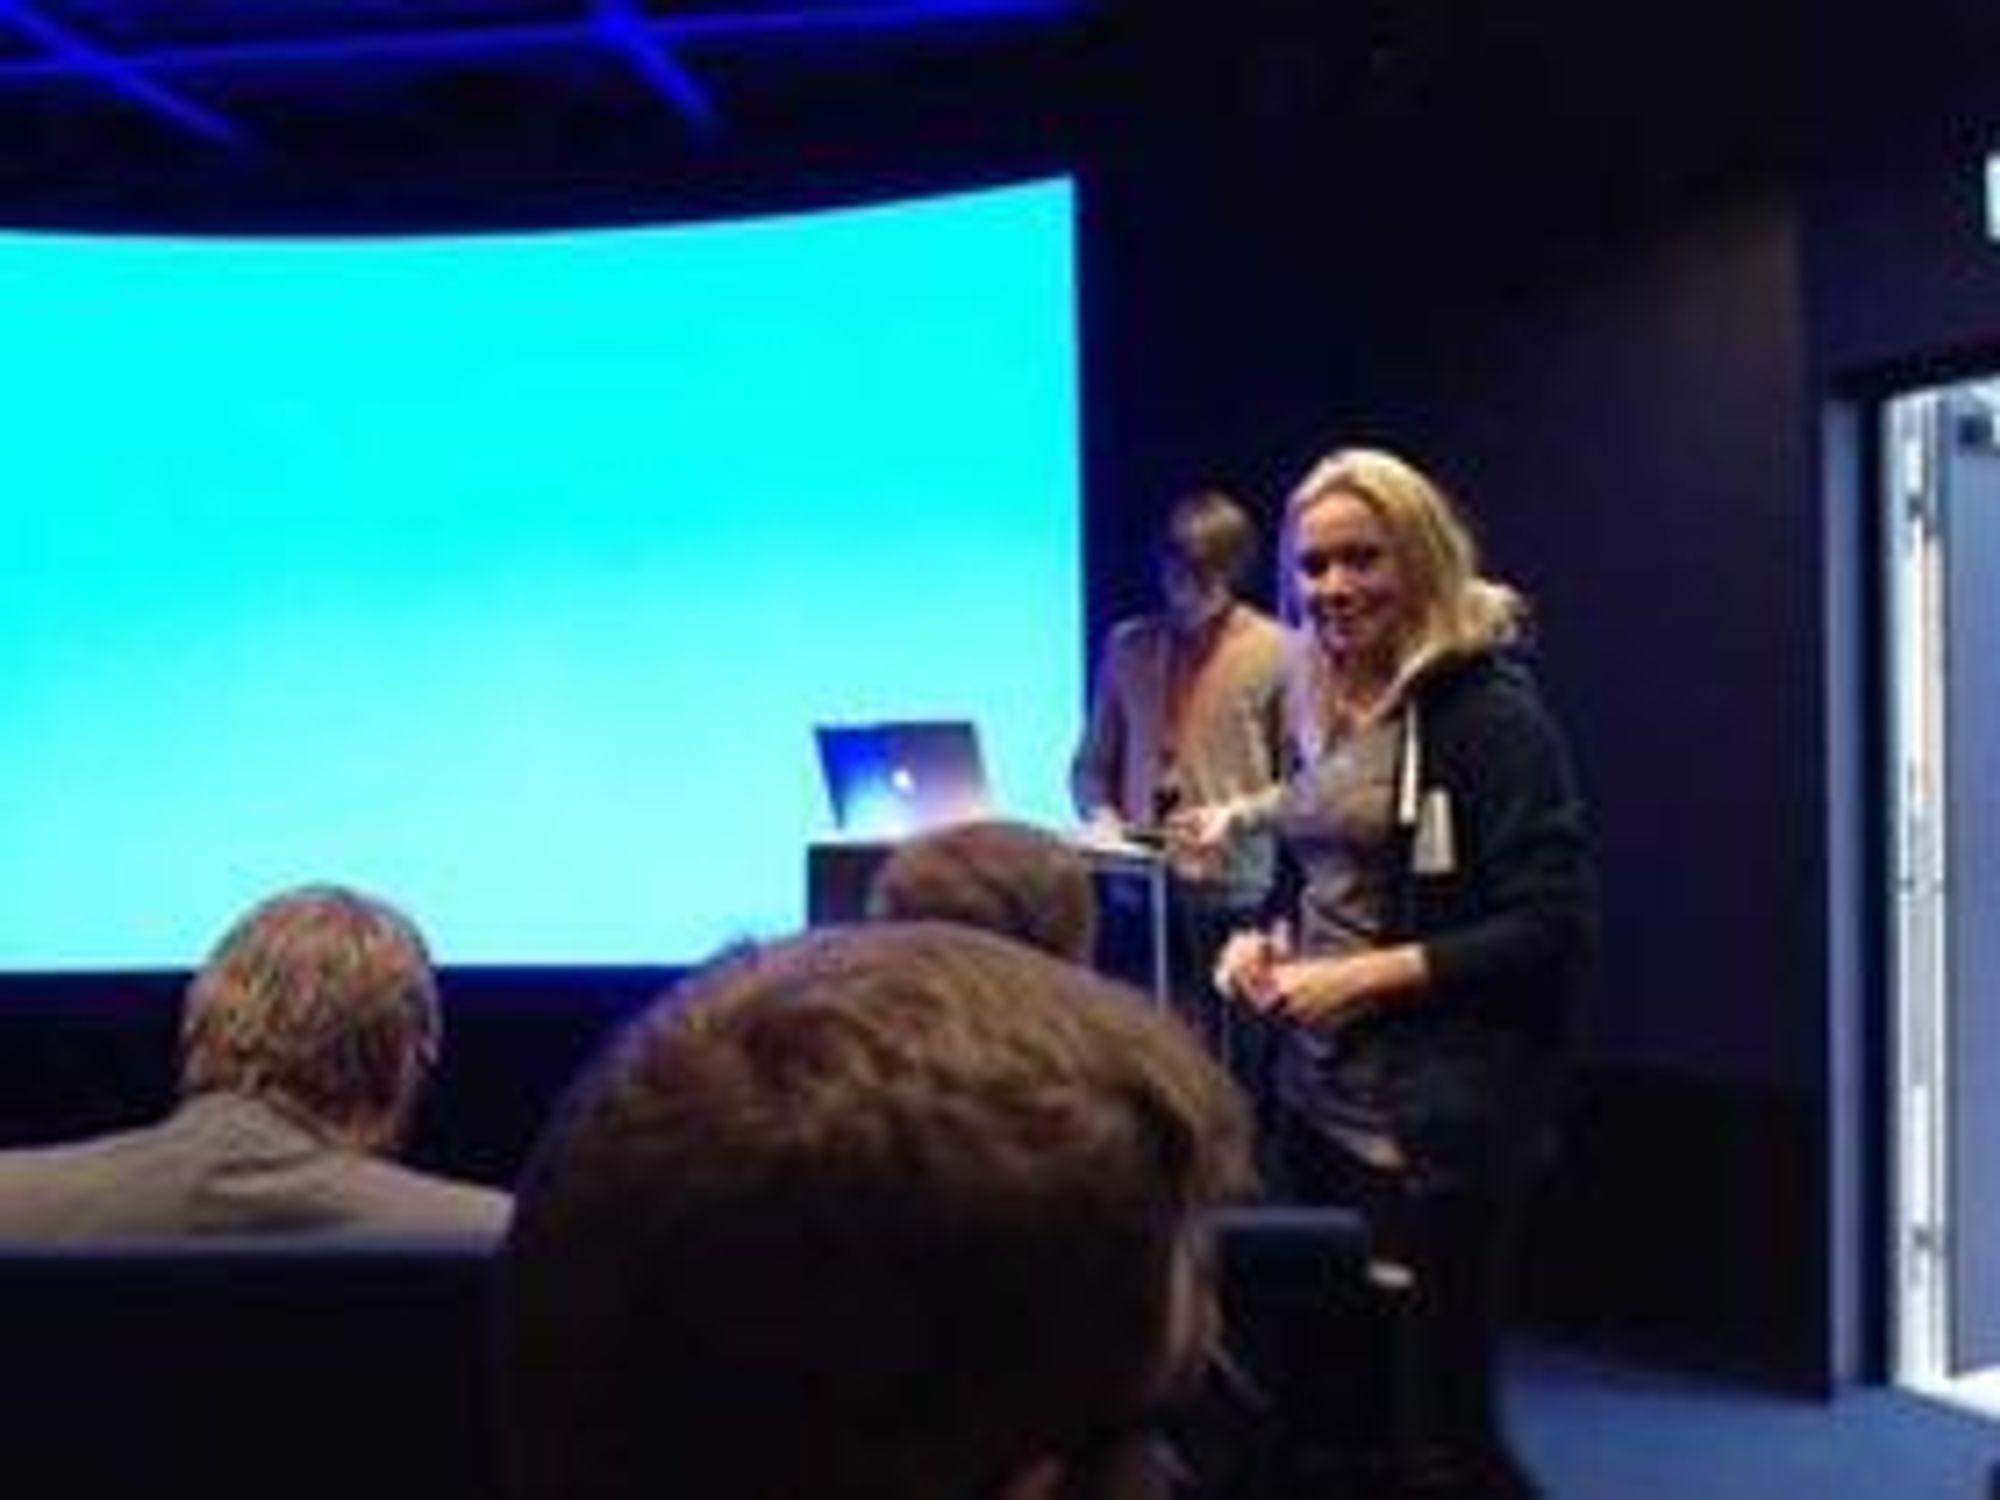 StartupLabs Karen Dolva var den som sørget for at alt gikk som det skulle under hackatonet - kanskje den viktigste jobben. Bildet er tatt fra salen hvor deltagerne presenterte sine løsninger.